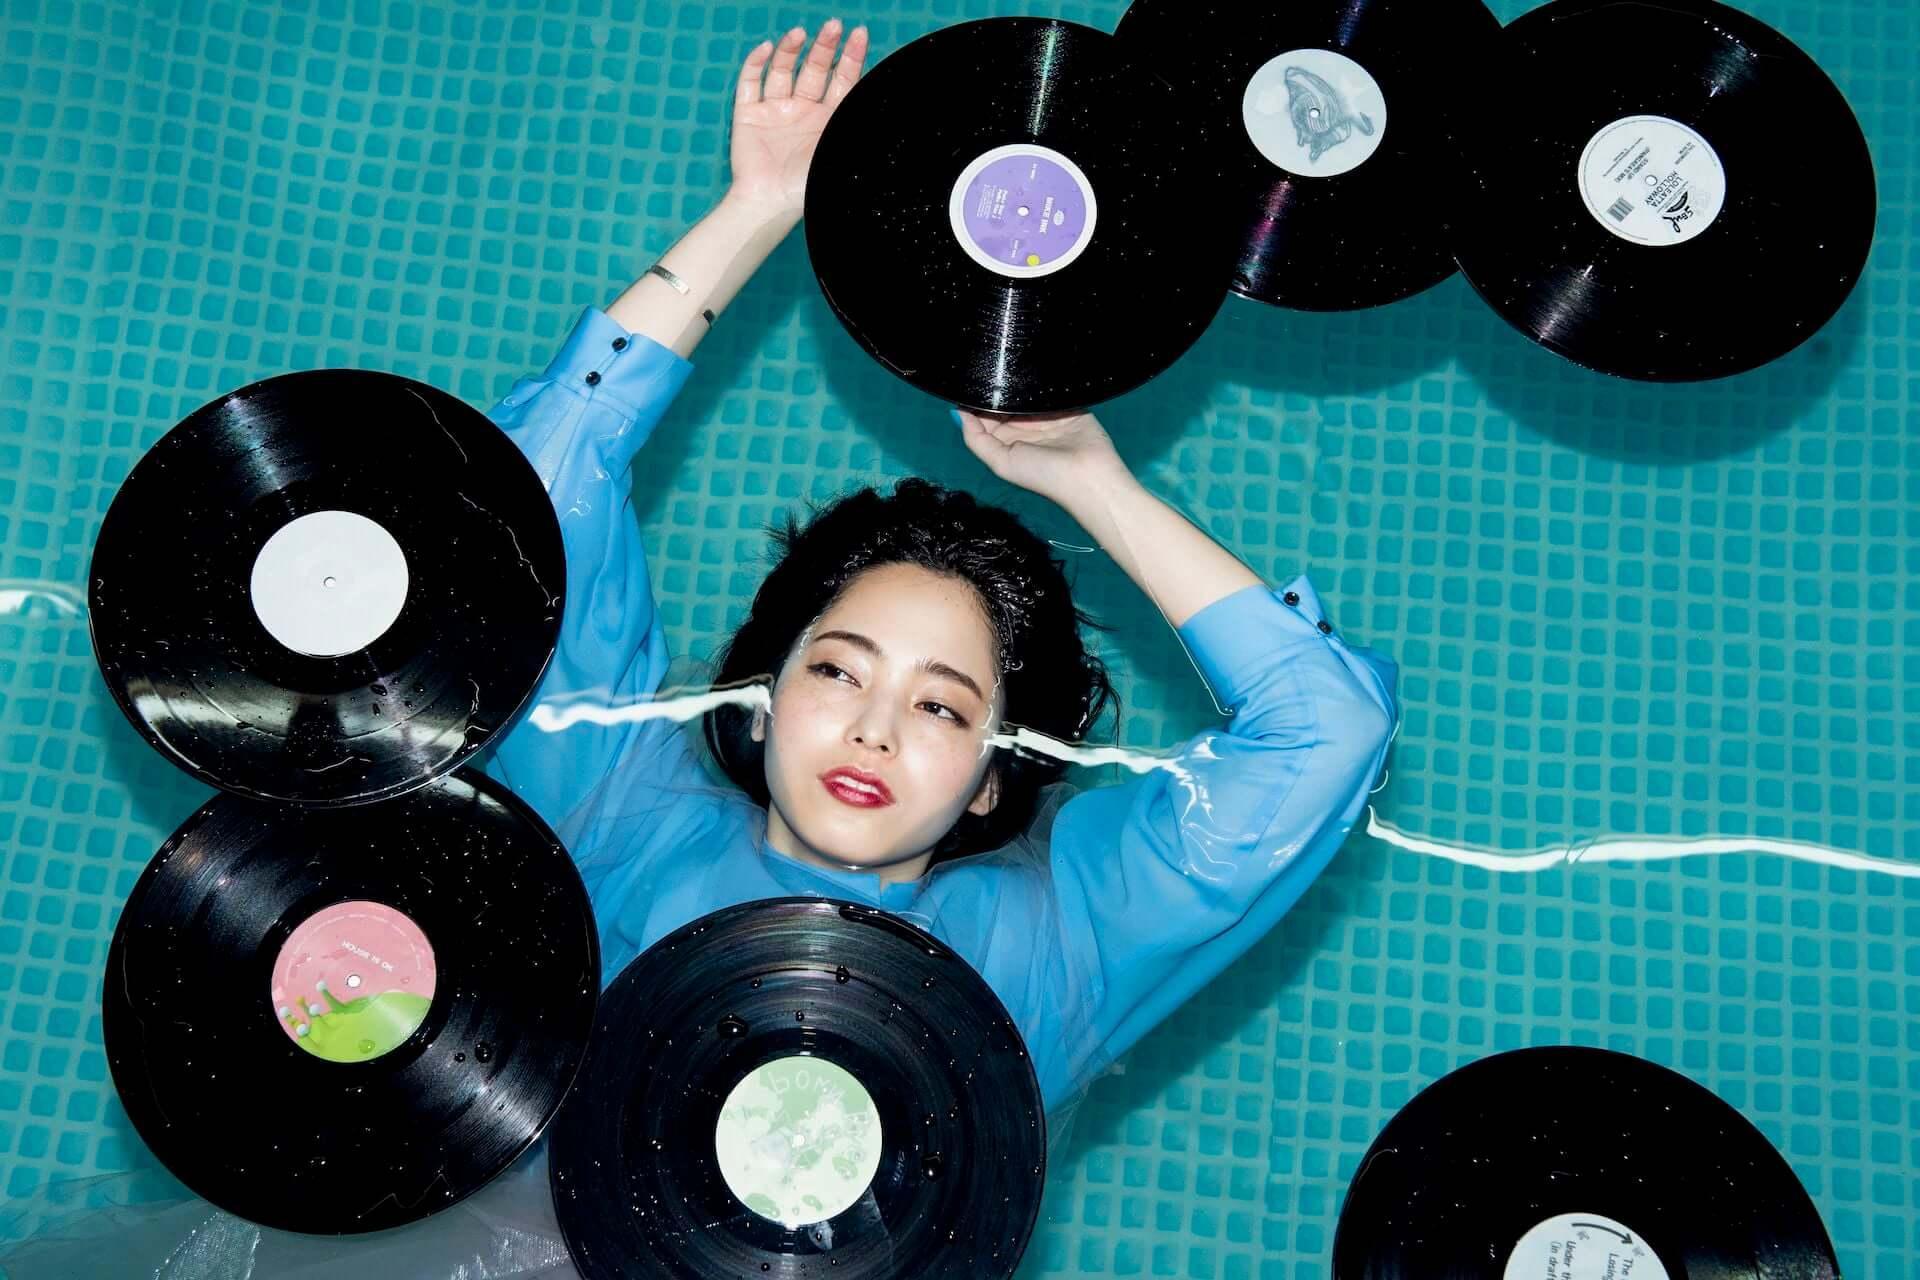 アジカン・後藤正文による「APPLE VINEGAR -Music Award-」今年の選考委員が決定!新たにLicaxxx、三原勇希が参加 music200310_avma_3-1920x1280